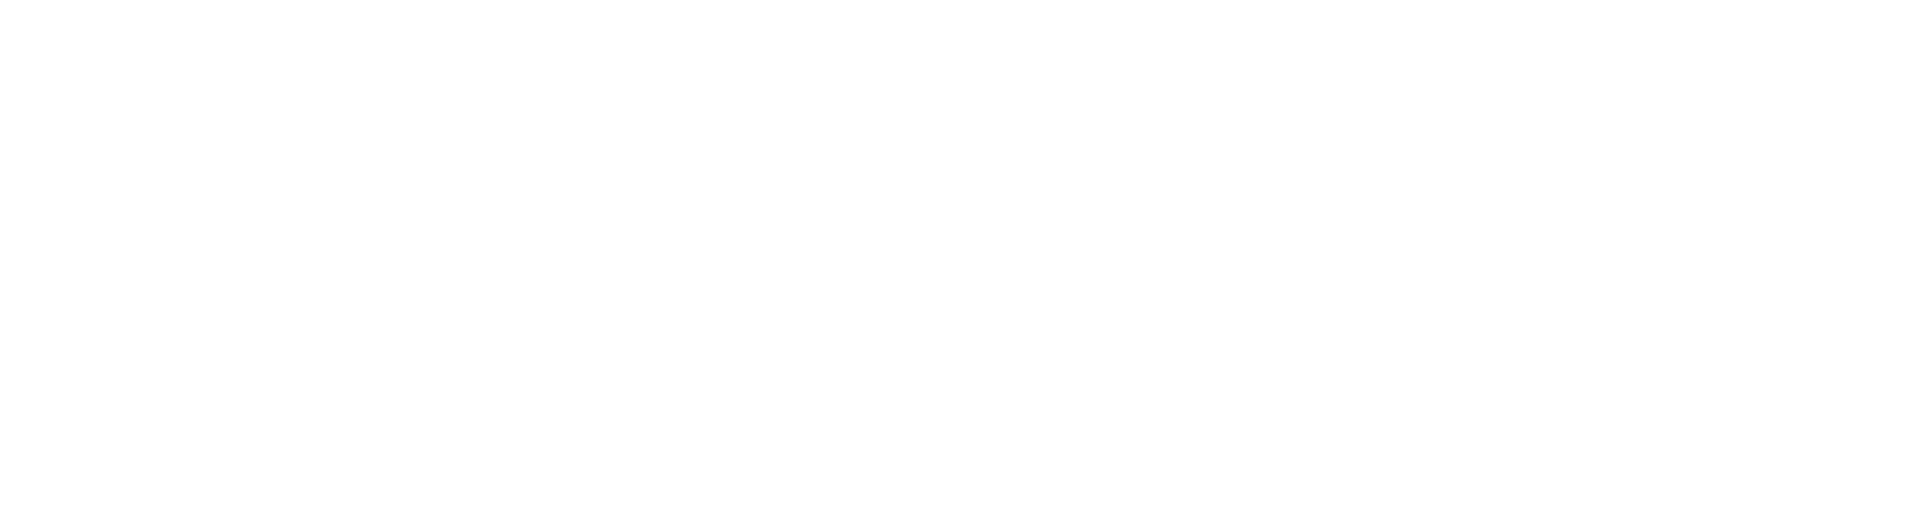 TROUGA-copie